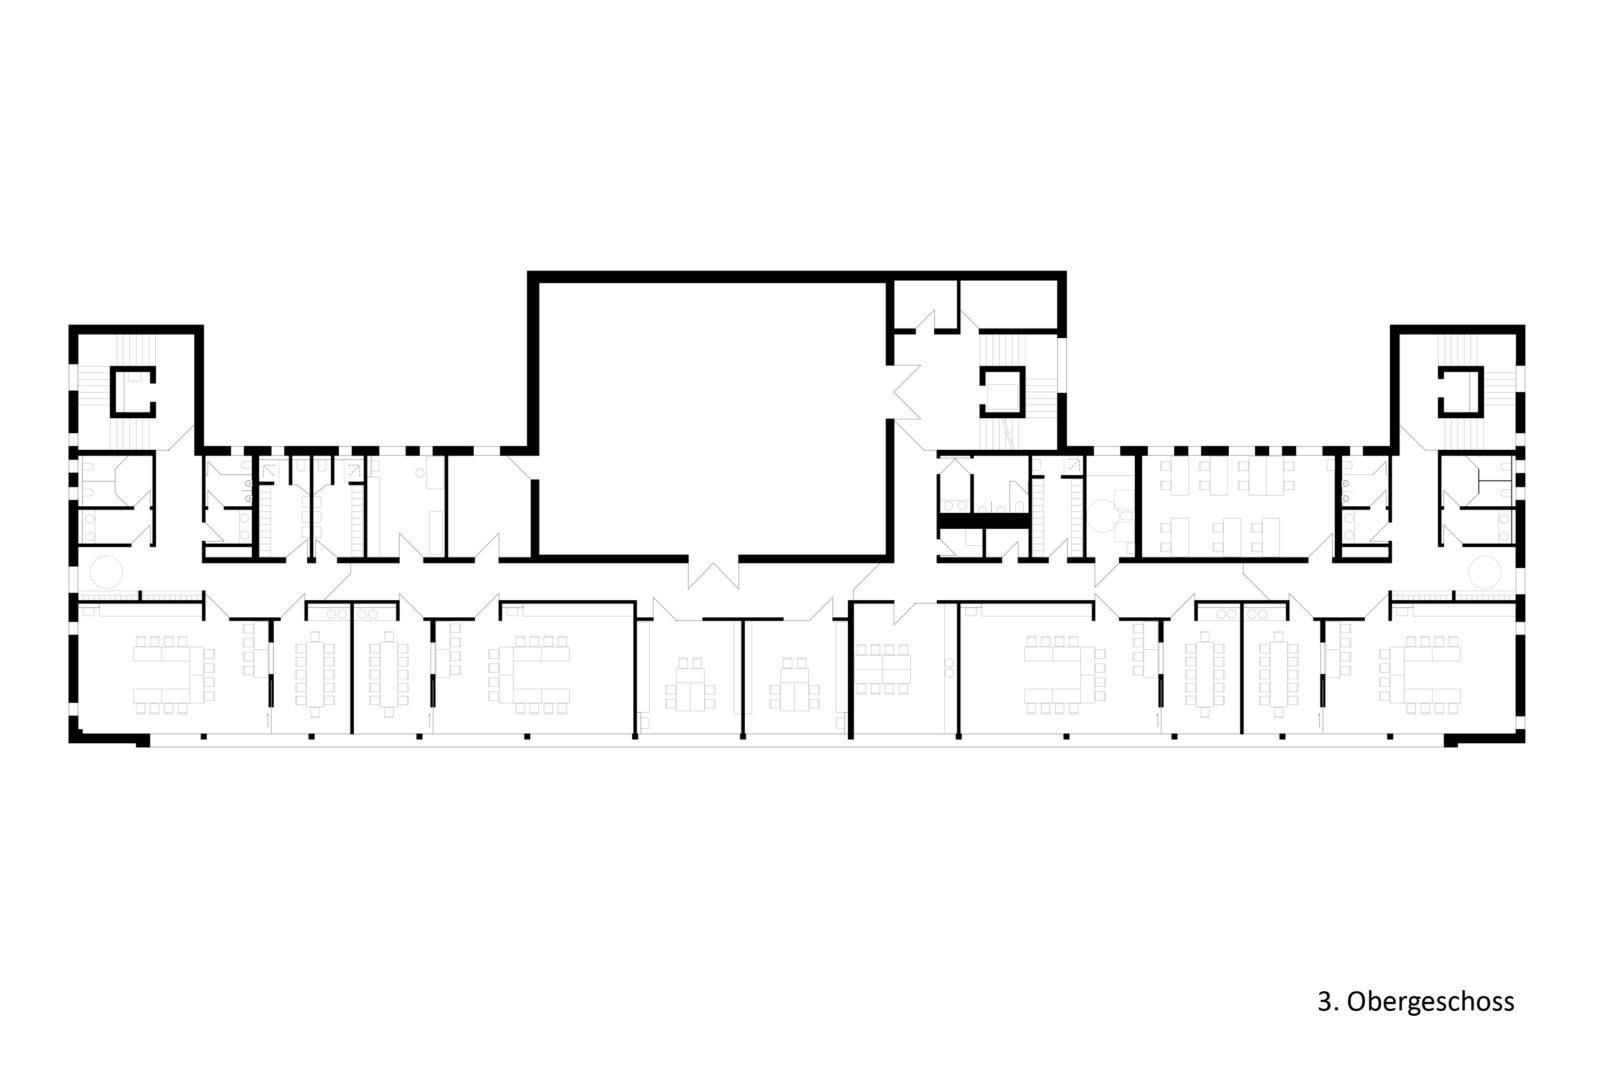 Neubau Kita und Förderschule an der alten Messe, Leipzig - Grundriss 3. Obergeschoss